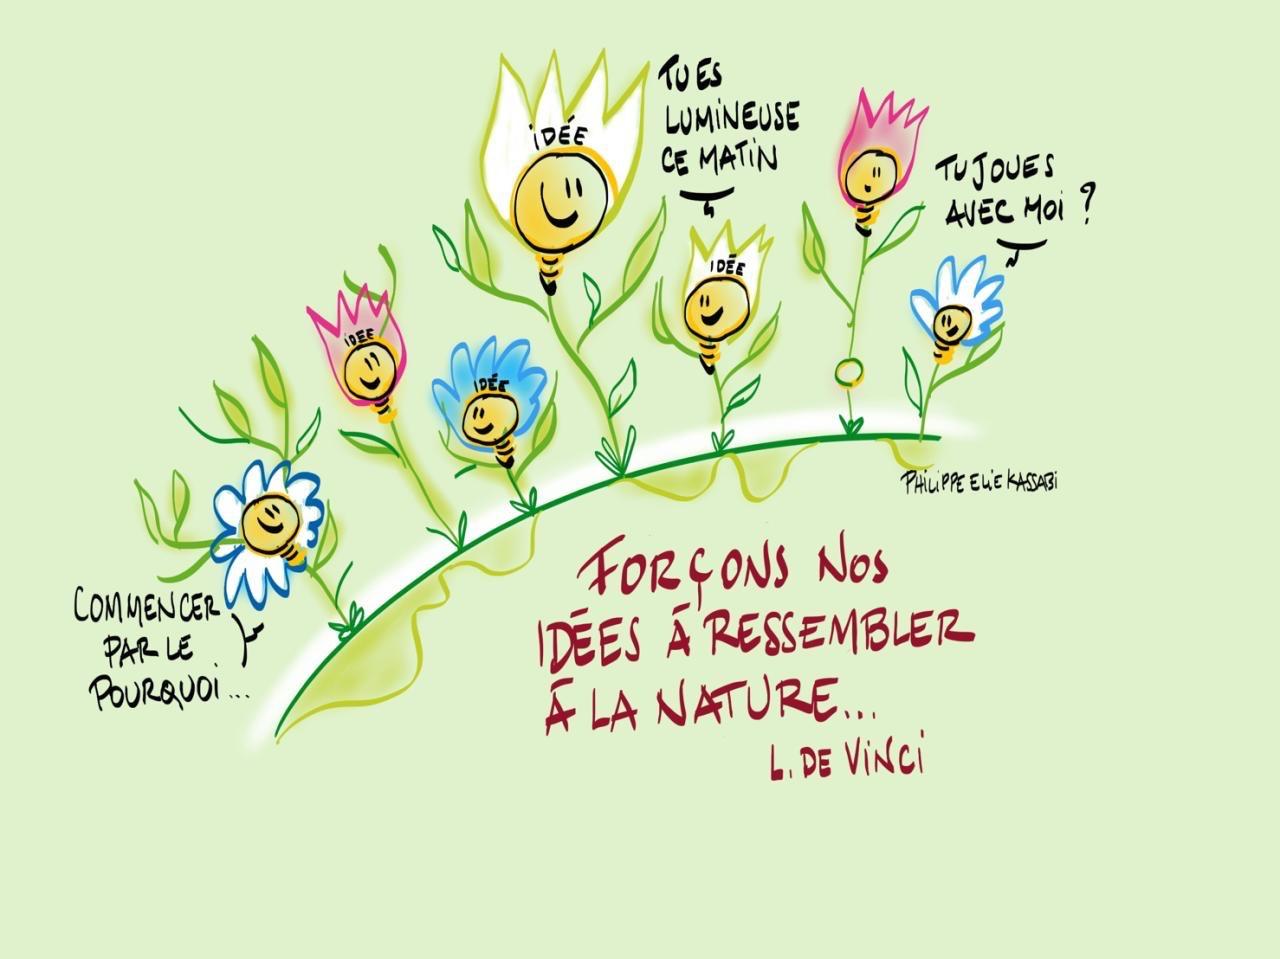 Faire naître nos idées par la force de la nature